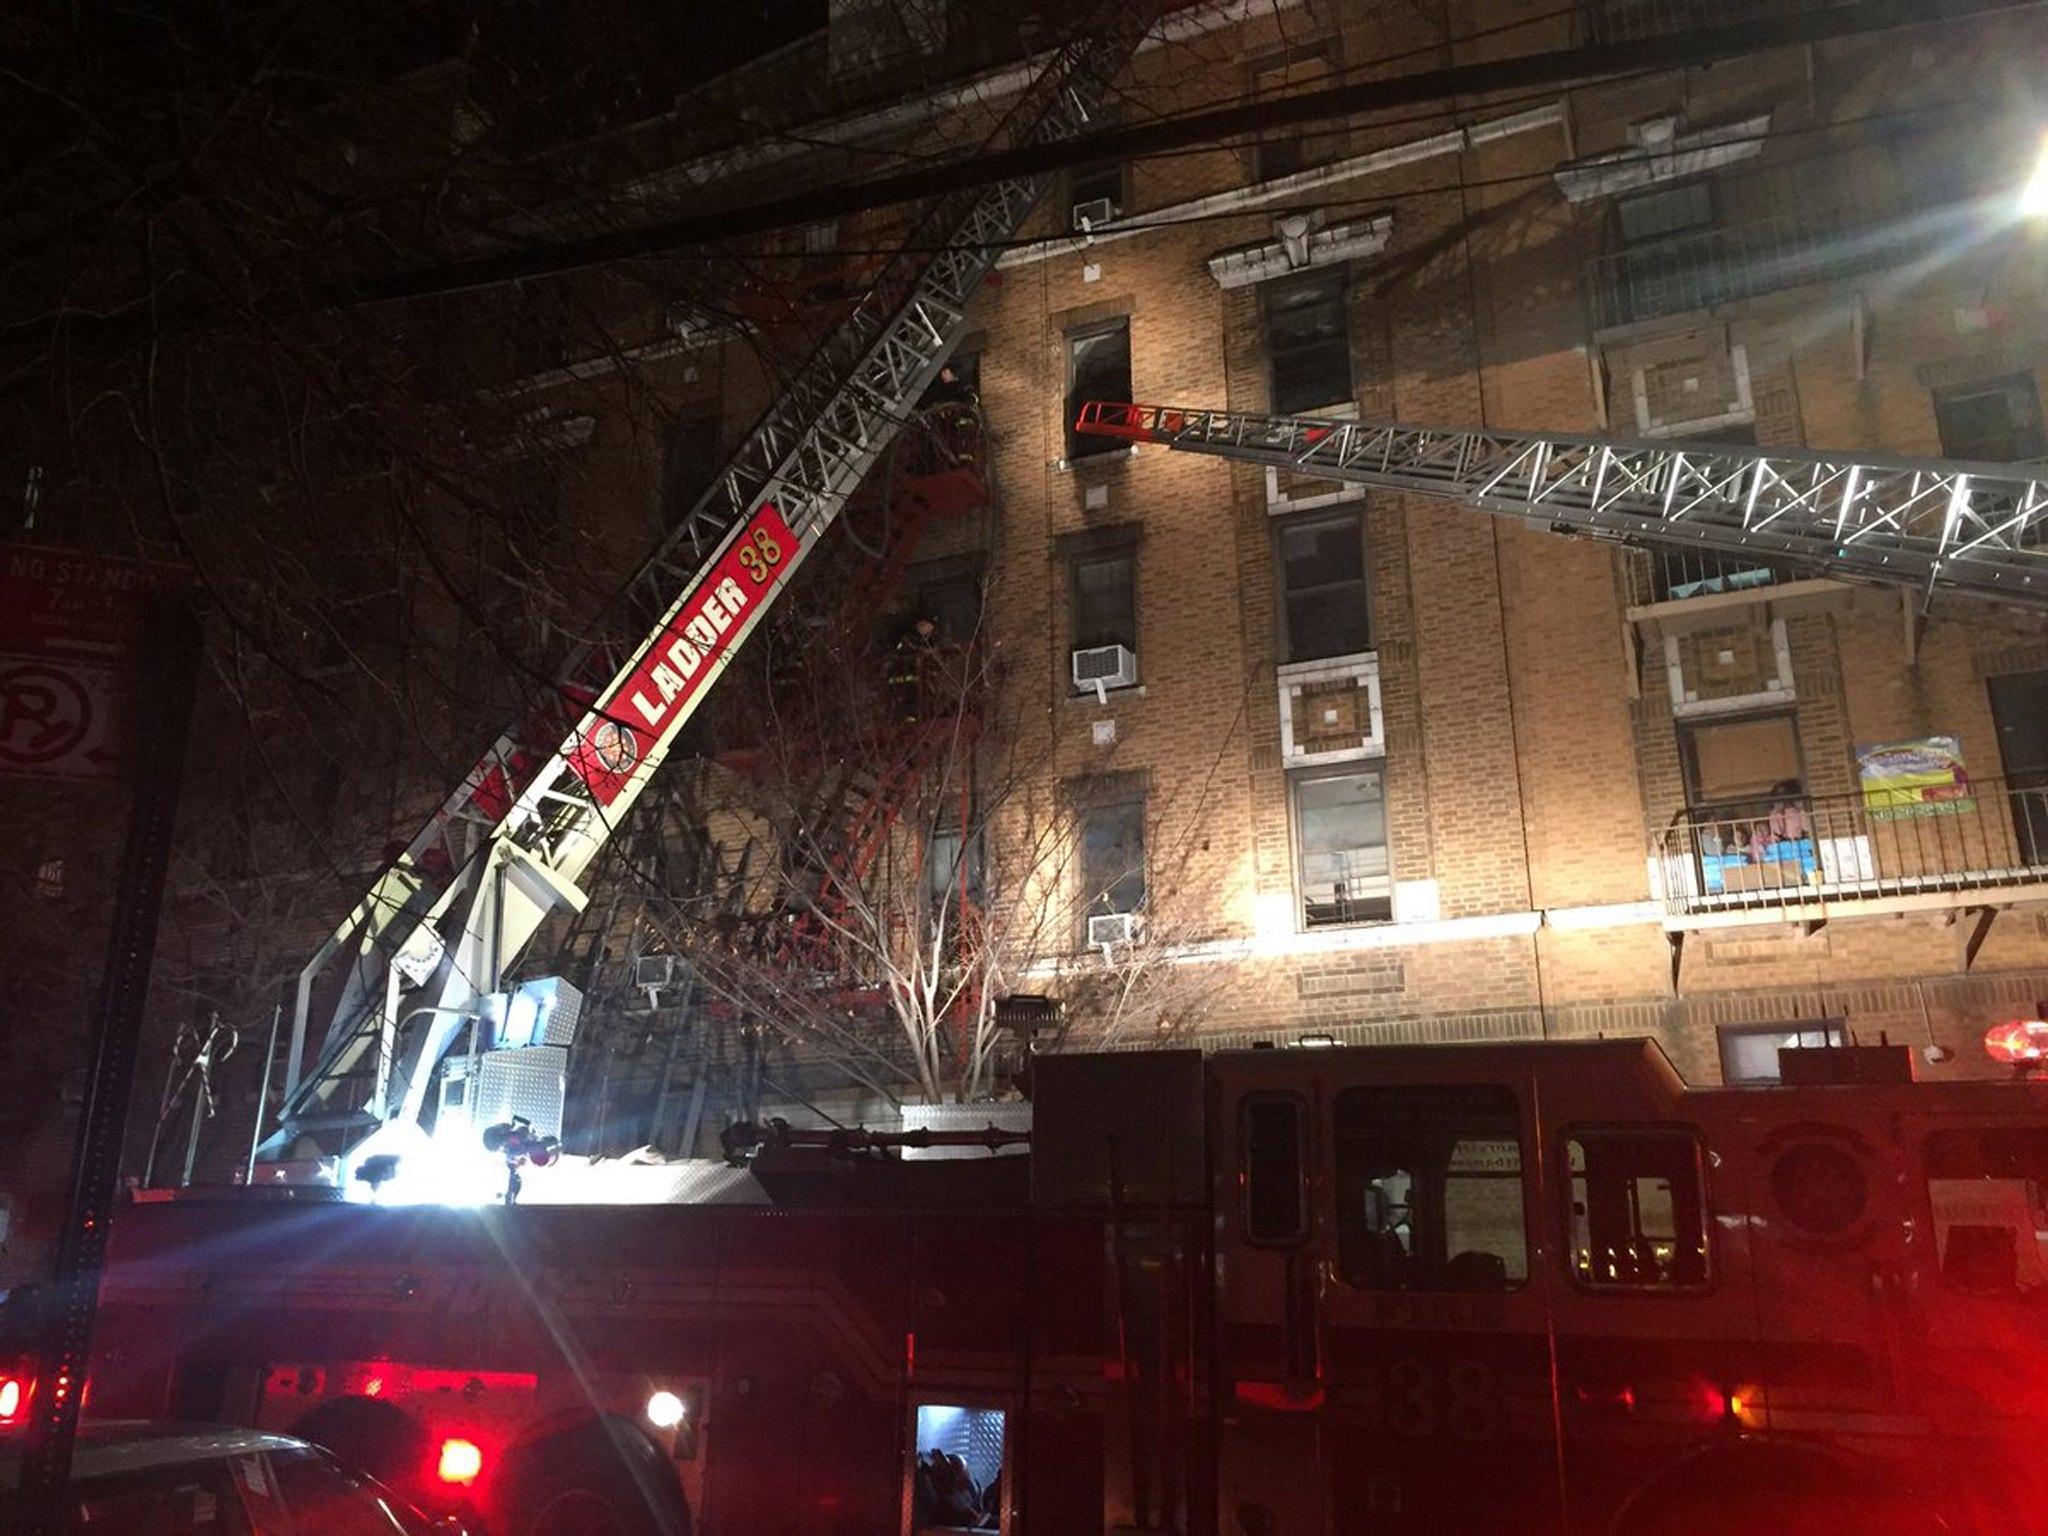 Incendio a New York, 12 morti nel Bronx: tra le vittime c'è anche un neonato